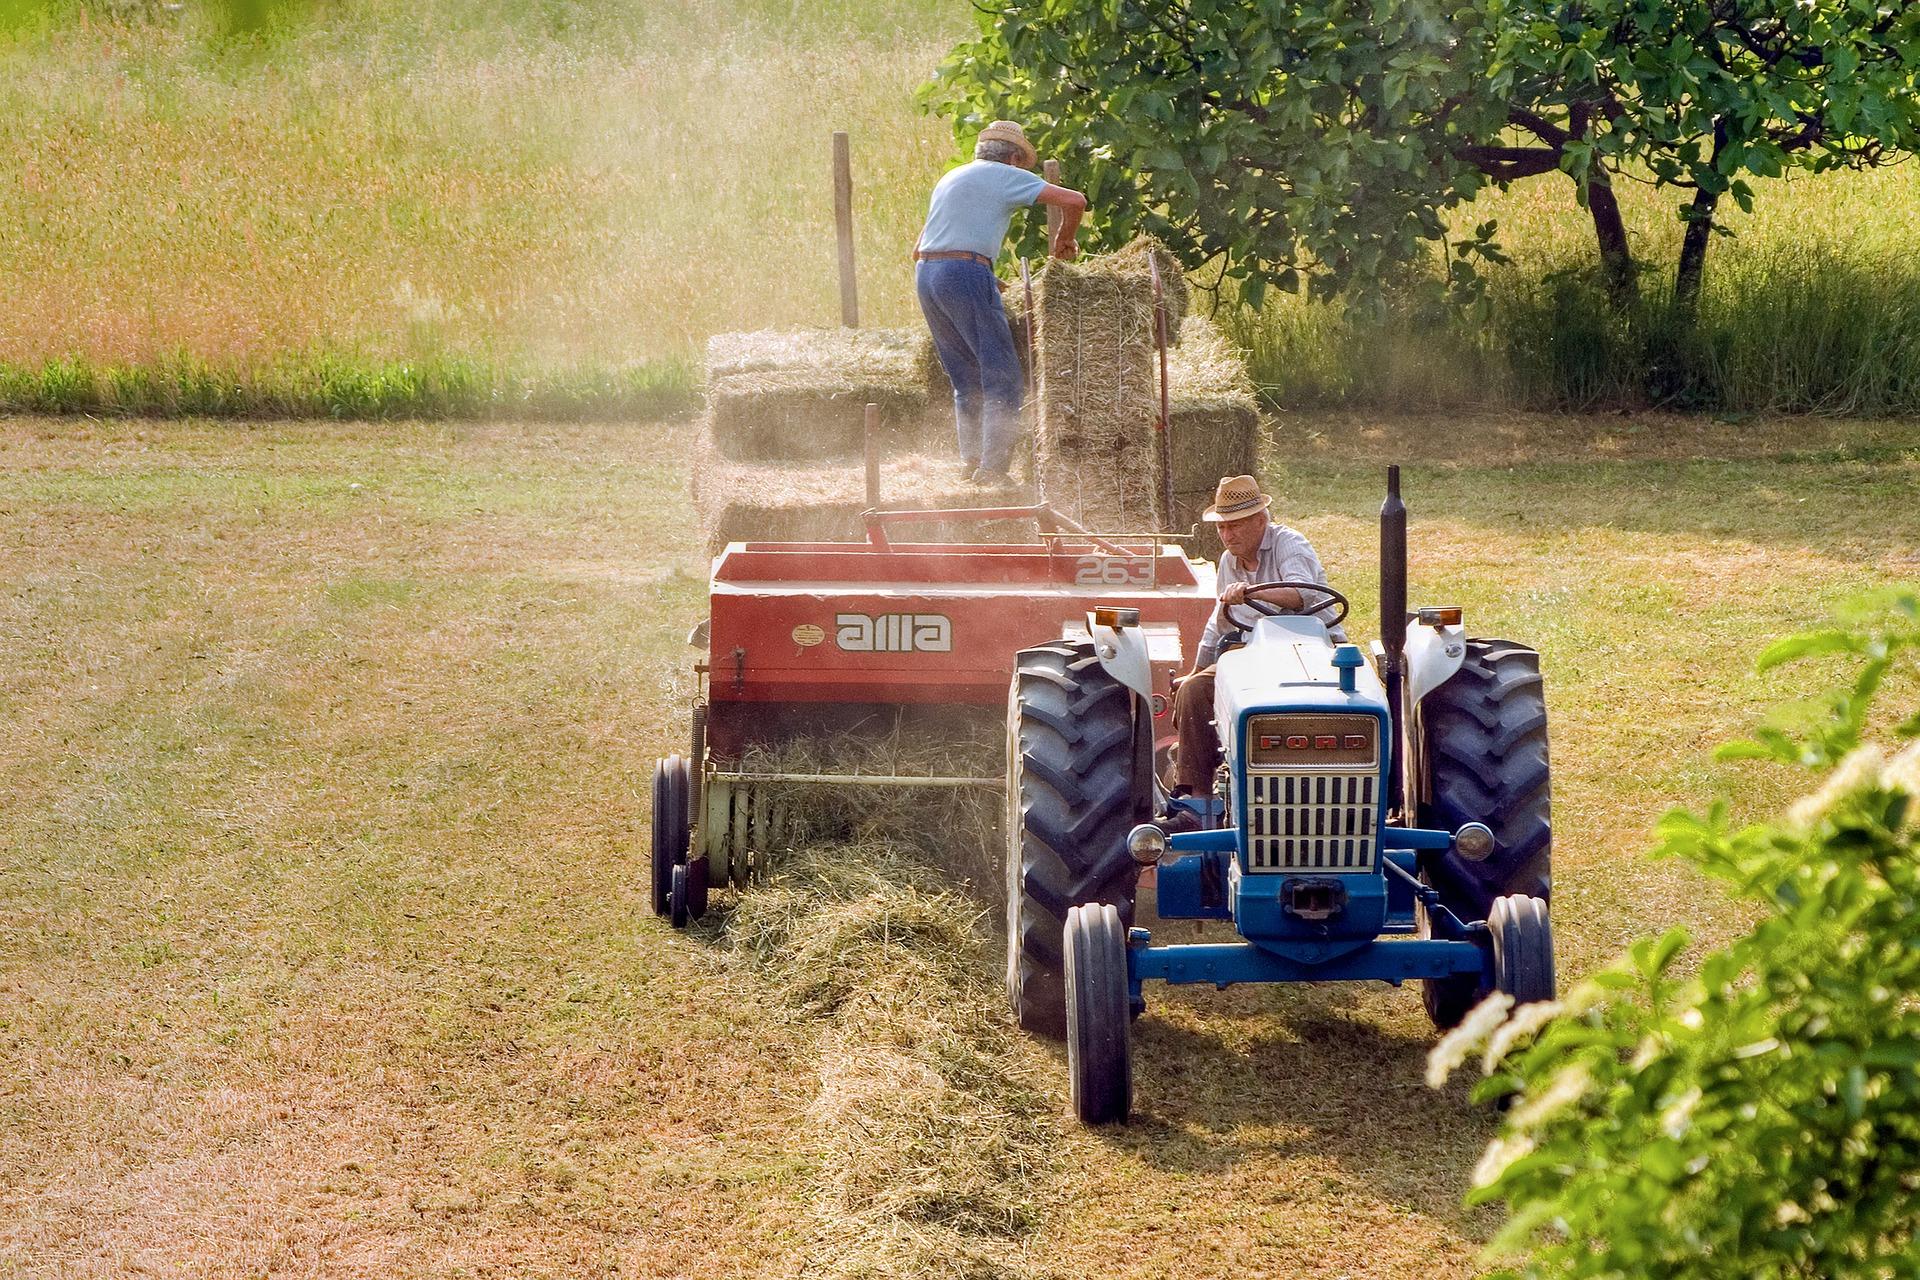 lavoro_lavoratore_agricoltura_coltivatore diretto